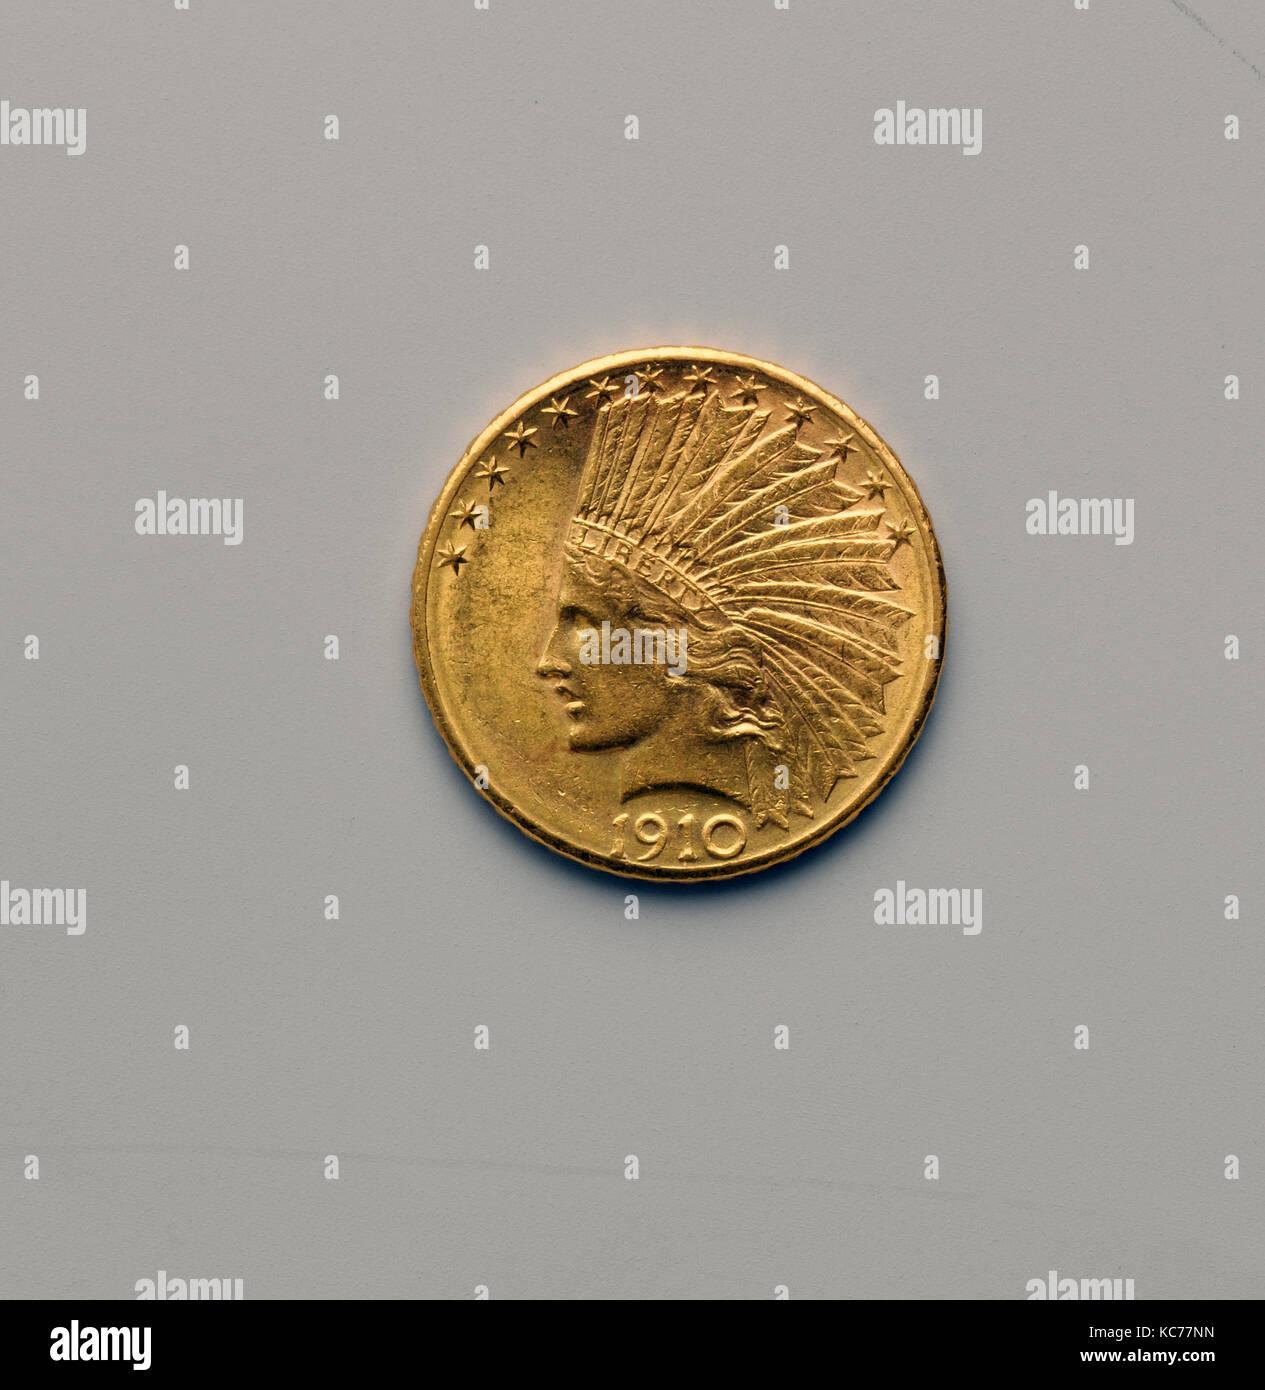 Gold Piece Stock Photos & Gold Piece Stock Images - Alamy